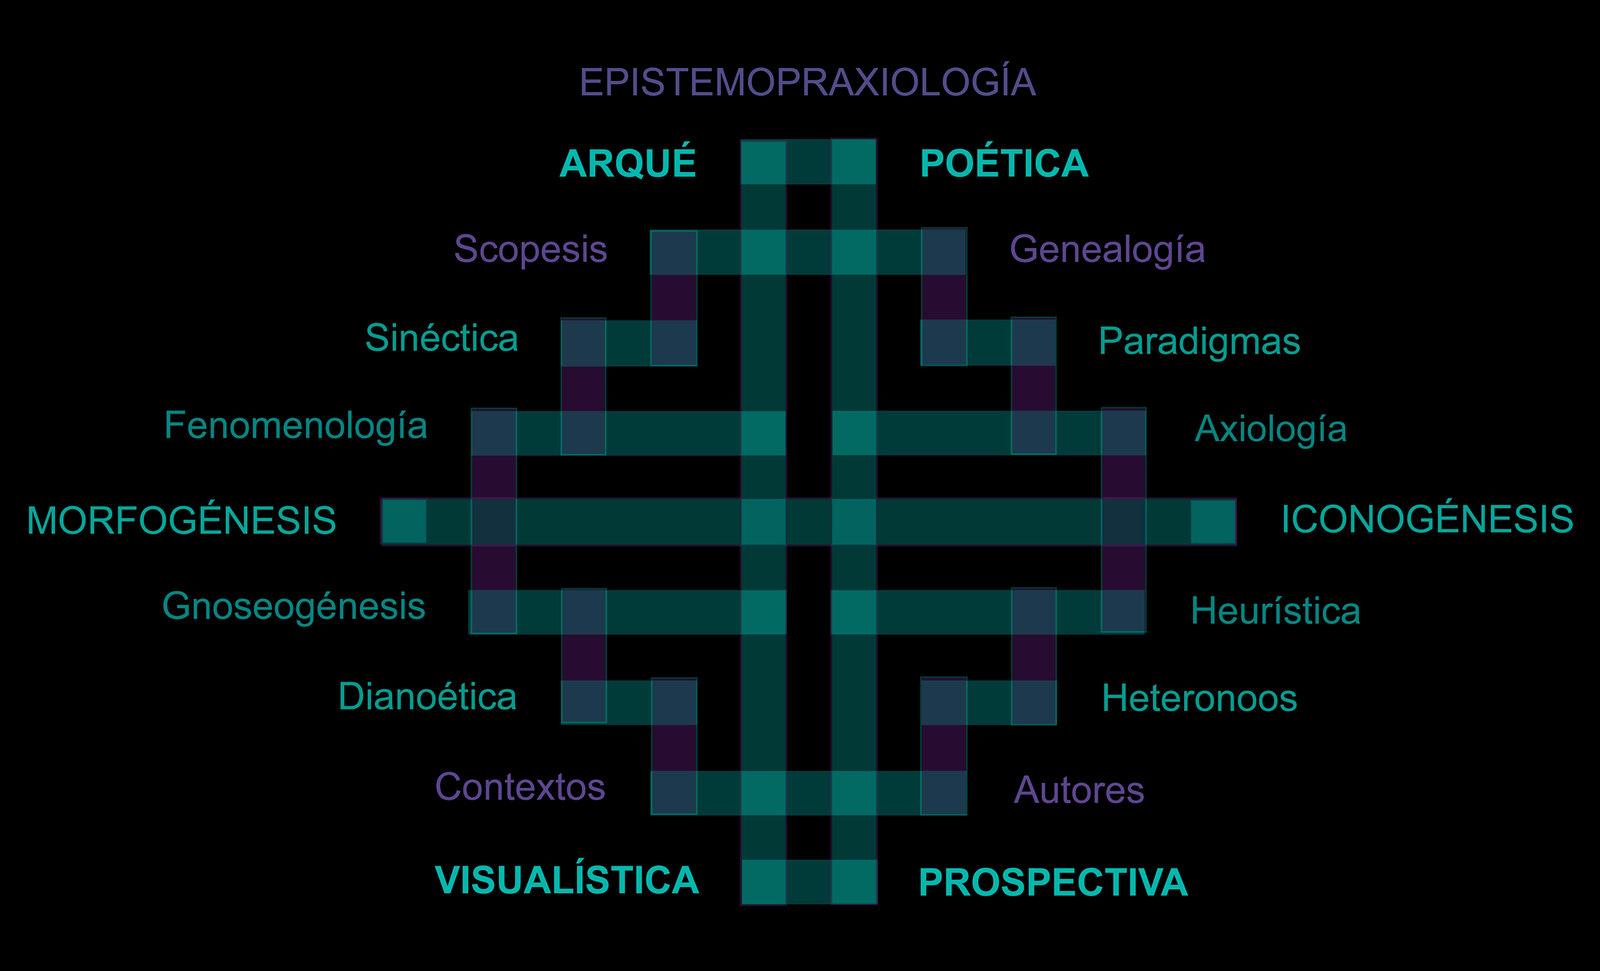 Estudio de Arquepoética y Visualística Prospectiva